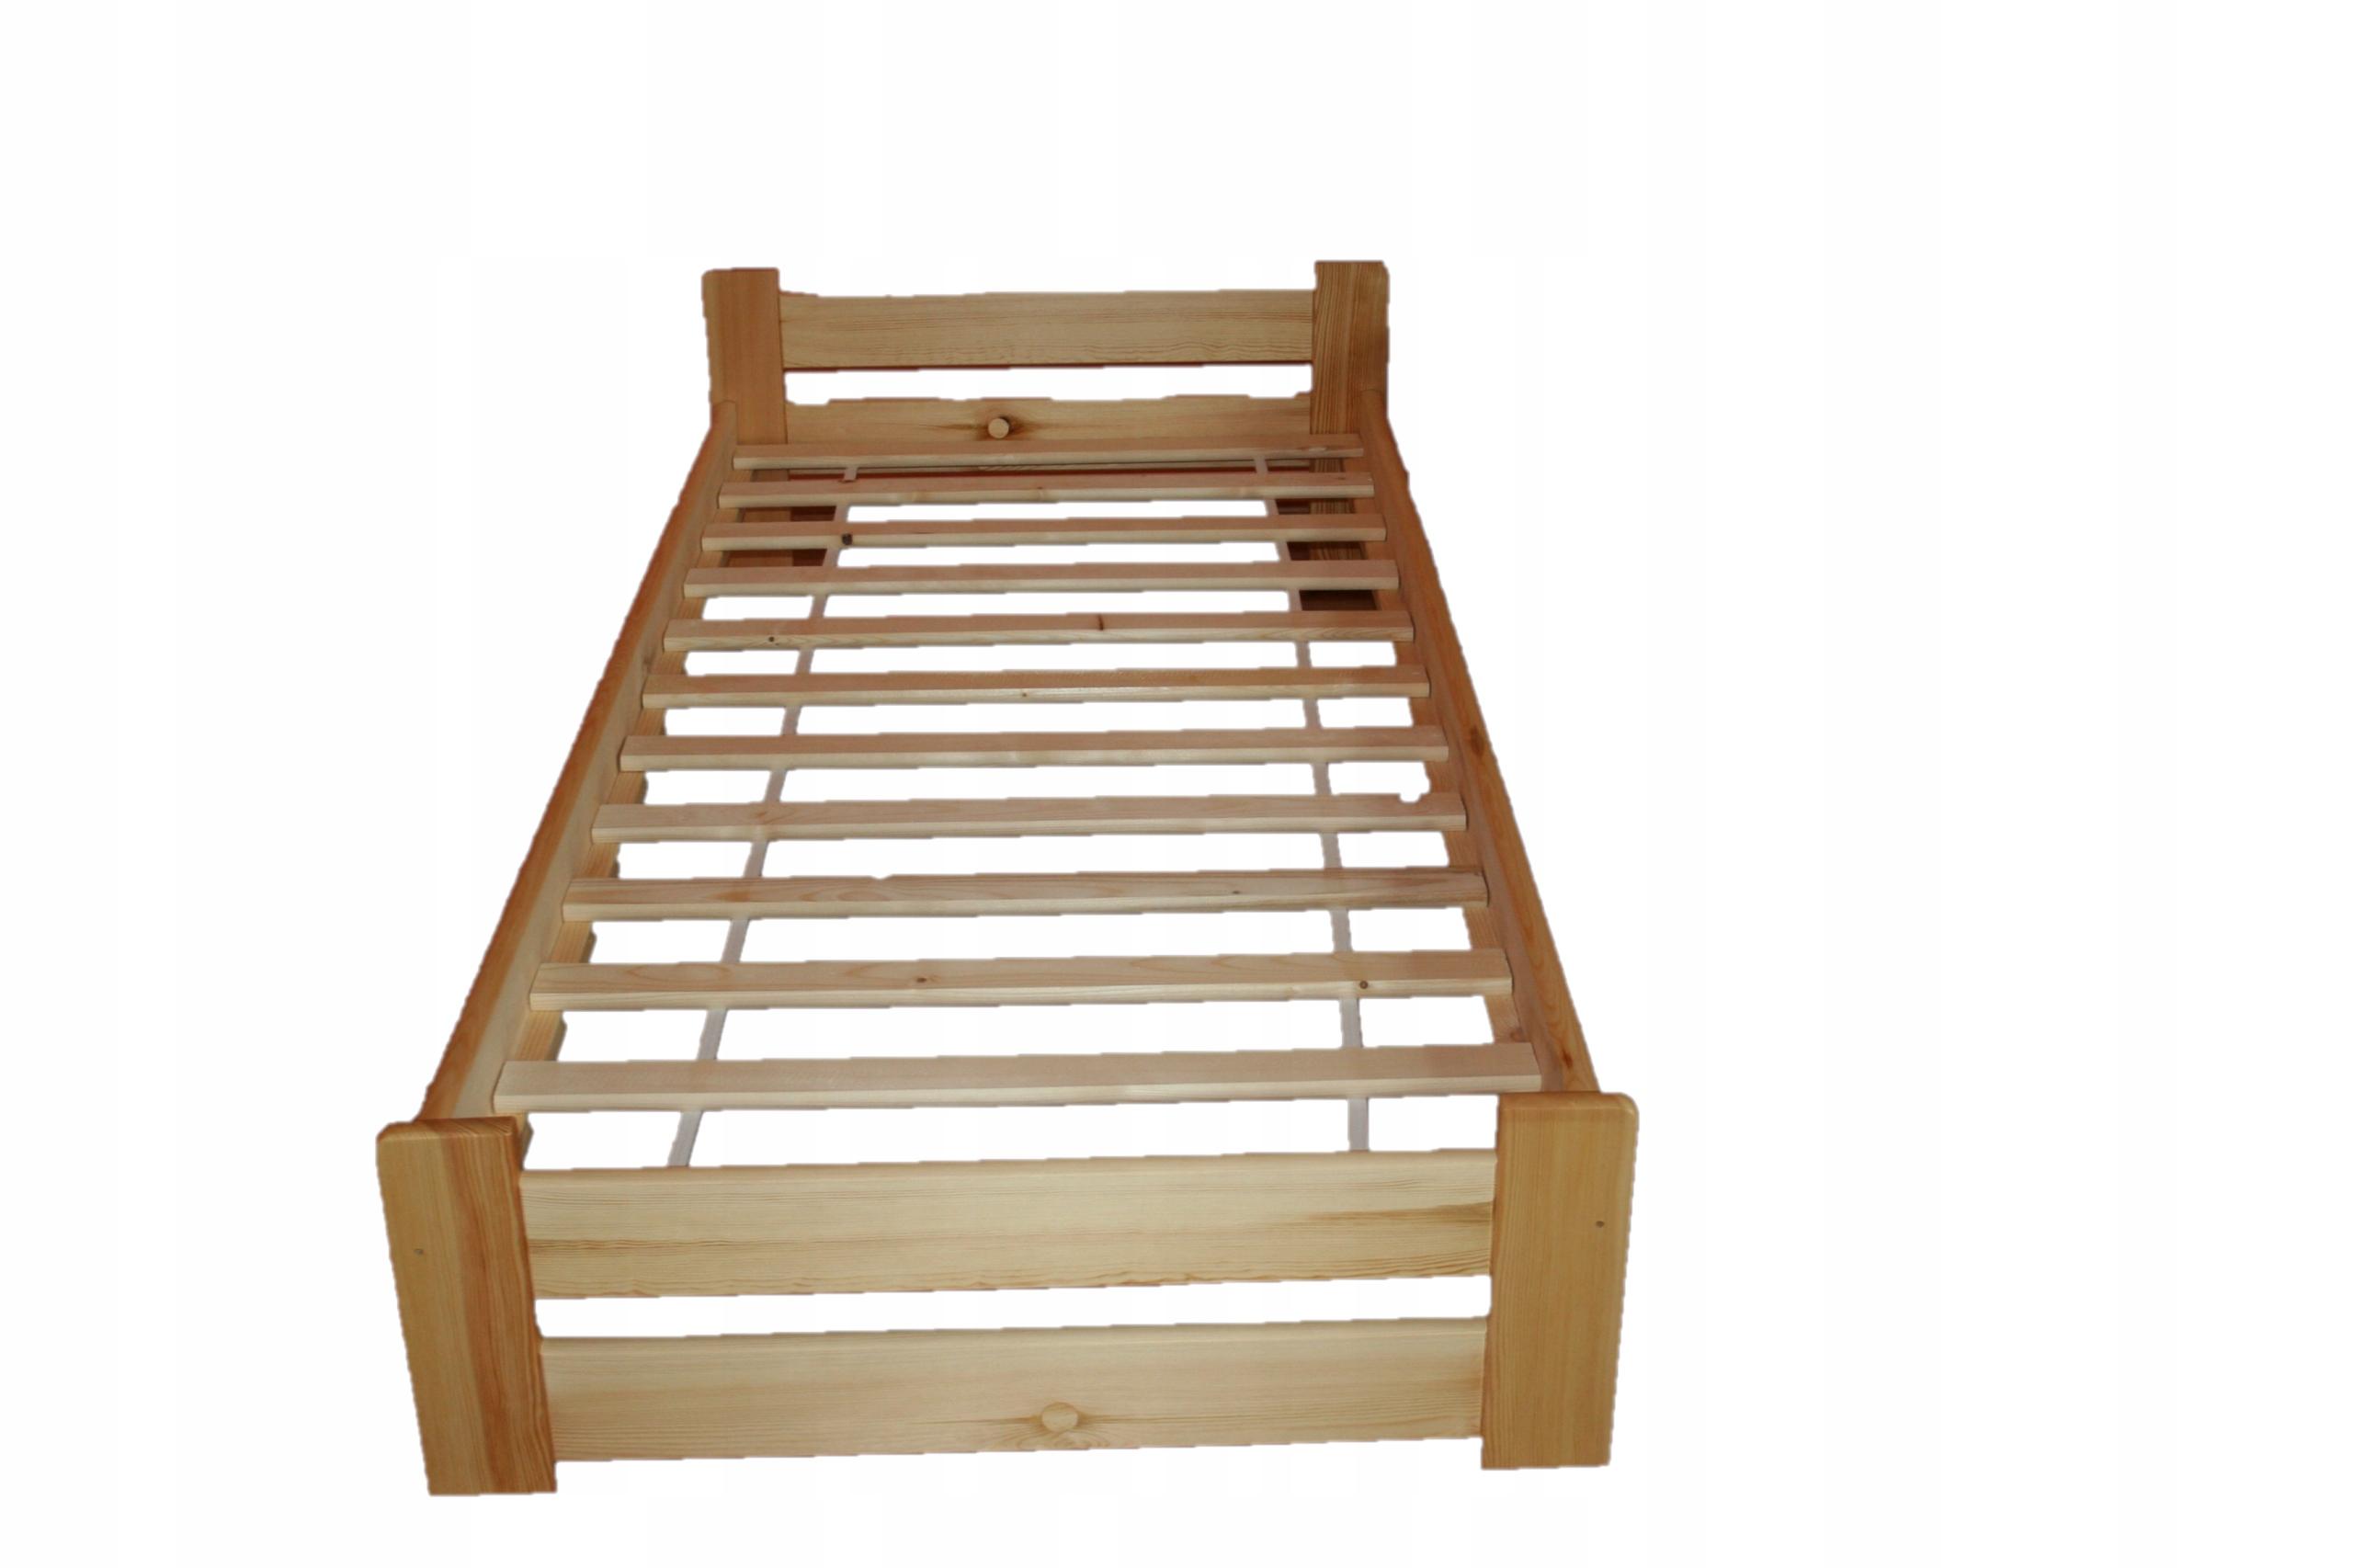 Стеллаж вклад для Кровать деревянный 90х200 Poducent?